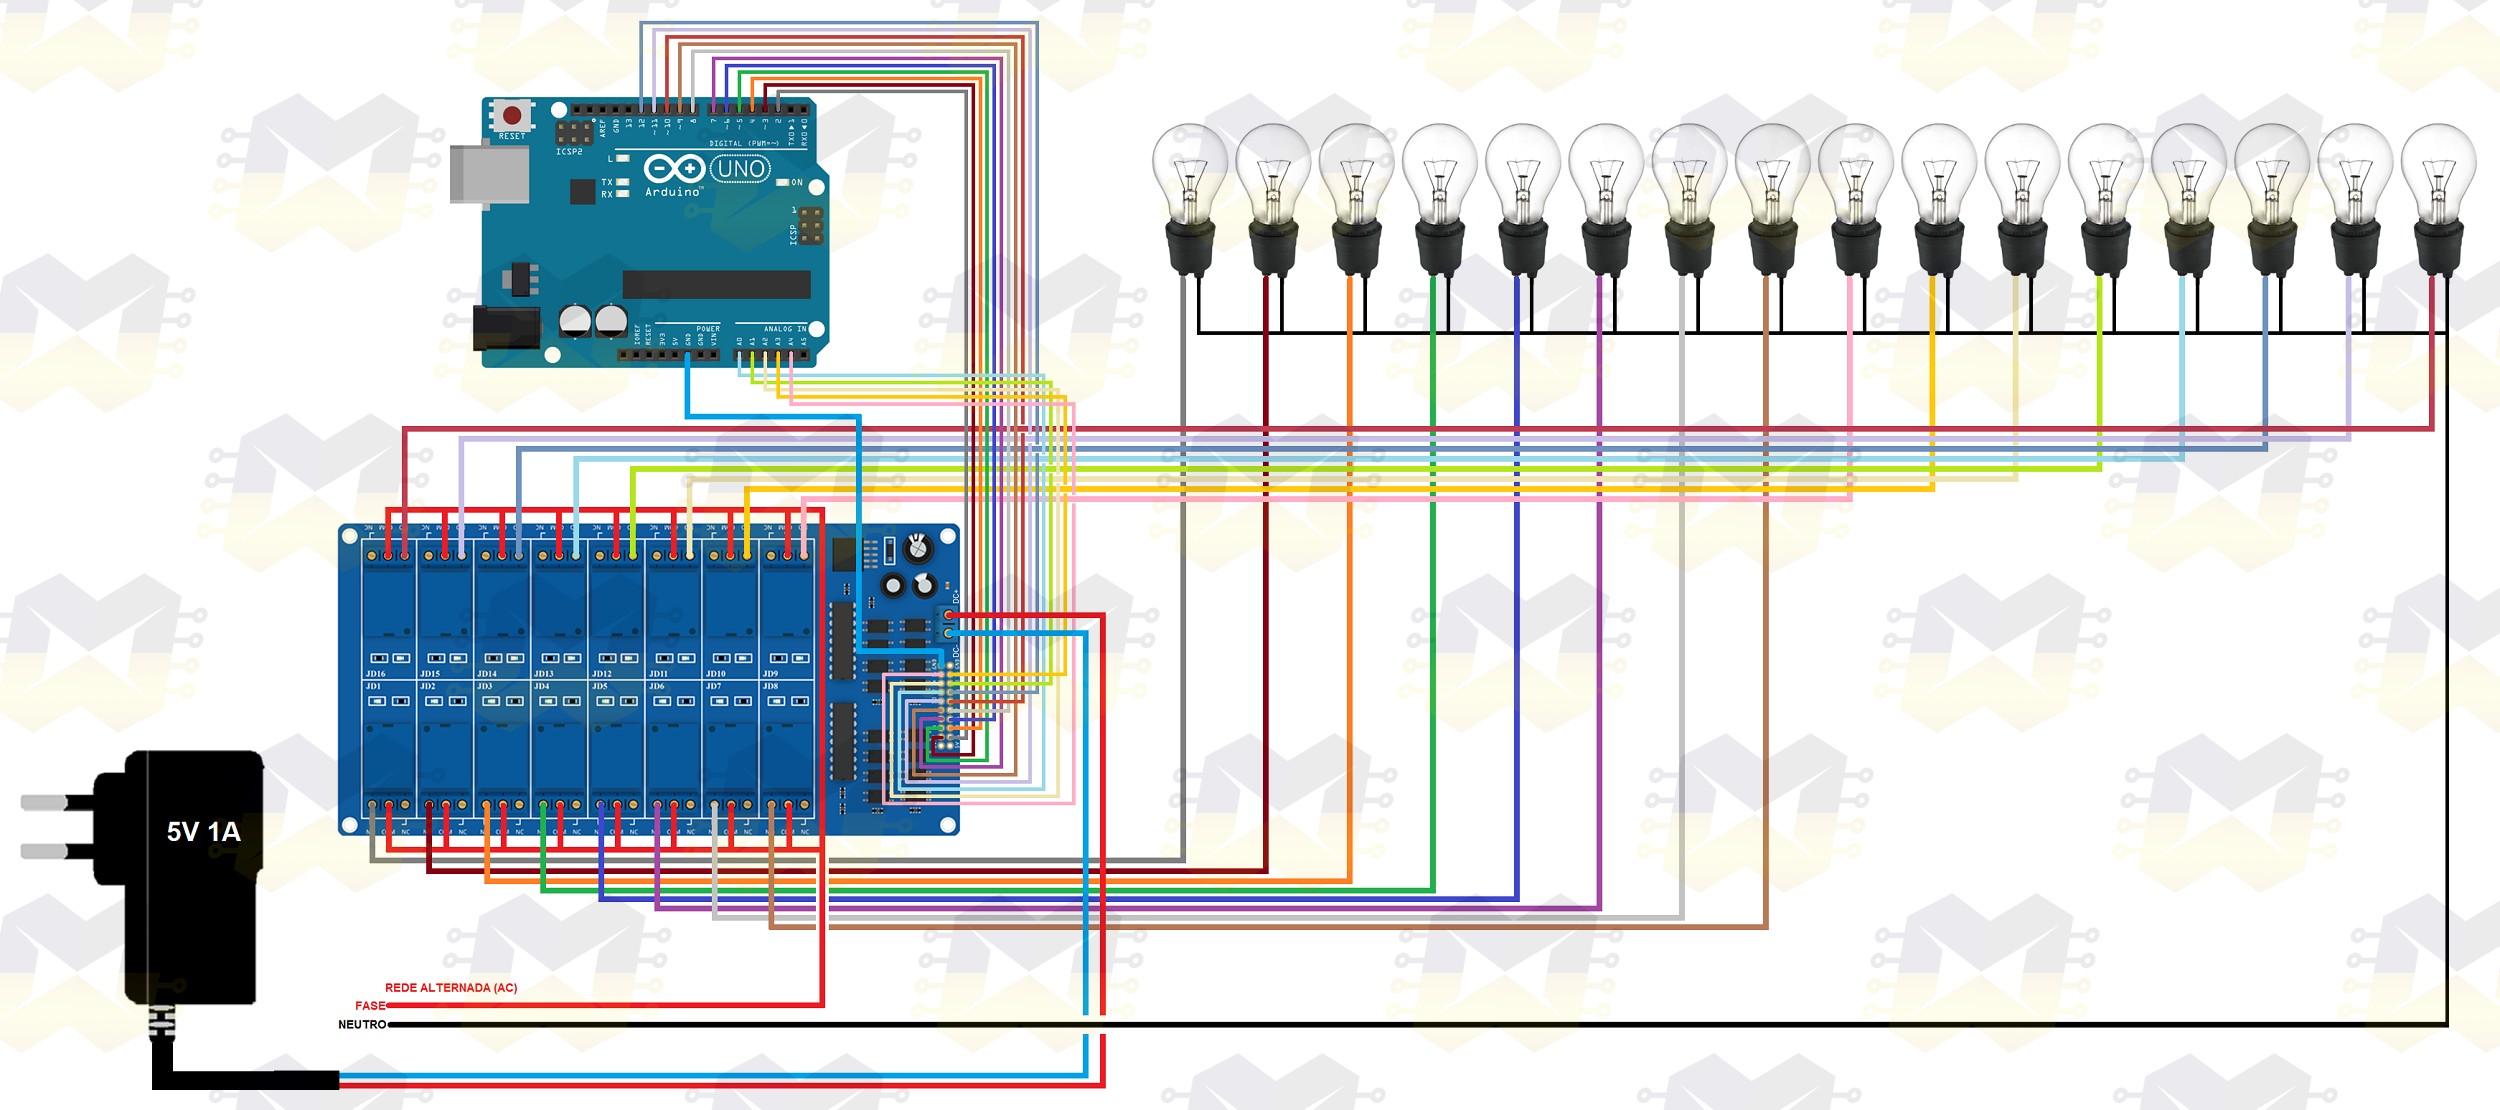 img01_como_usar_com_arduino_modulo_rele_5v_de_16_canais_uno_mega_2560_nano_automacao_residencial_lampada_blynk_esp32_esp8266